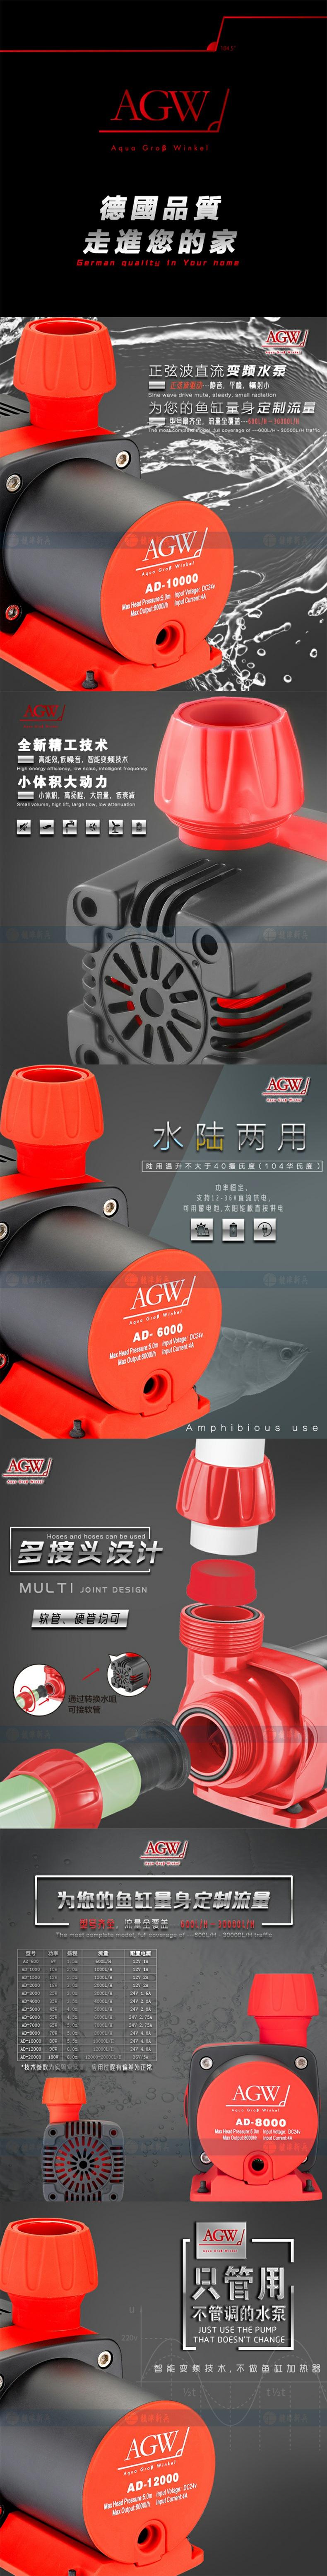 格式工厂德国AGW水泵.jpg